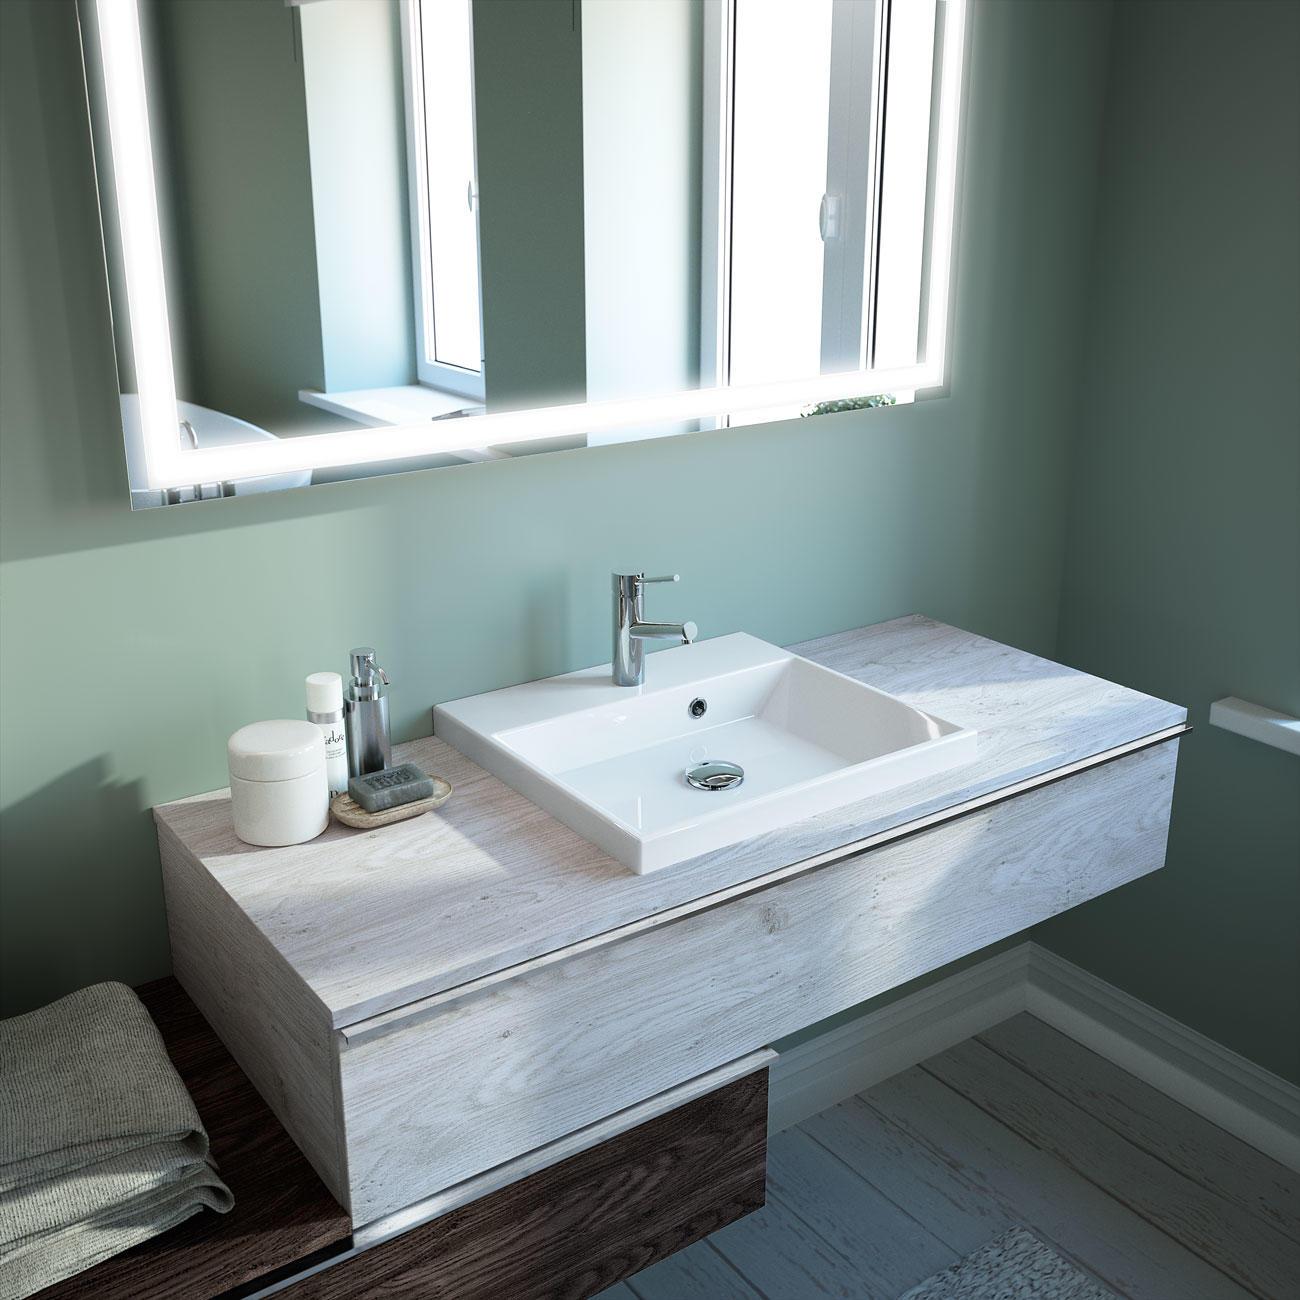 Plan De Toilette Fin Vasque Meubles De Salle De Bains Baignoires Fabricant Francais Cedam